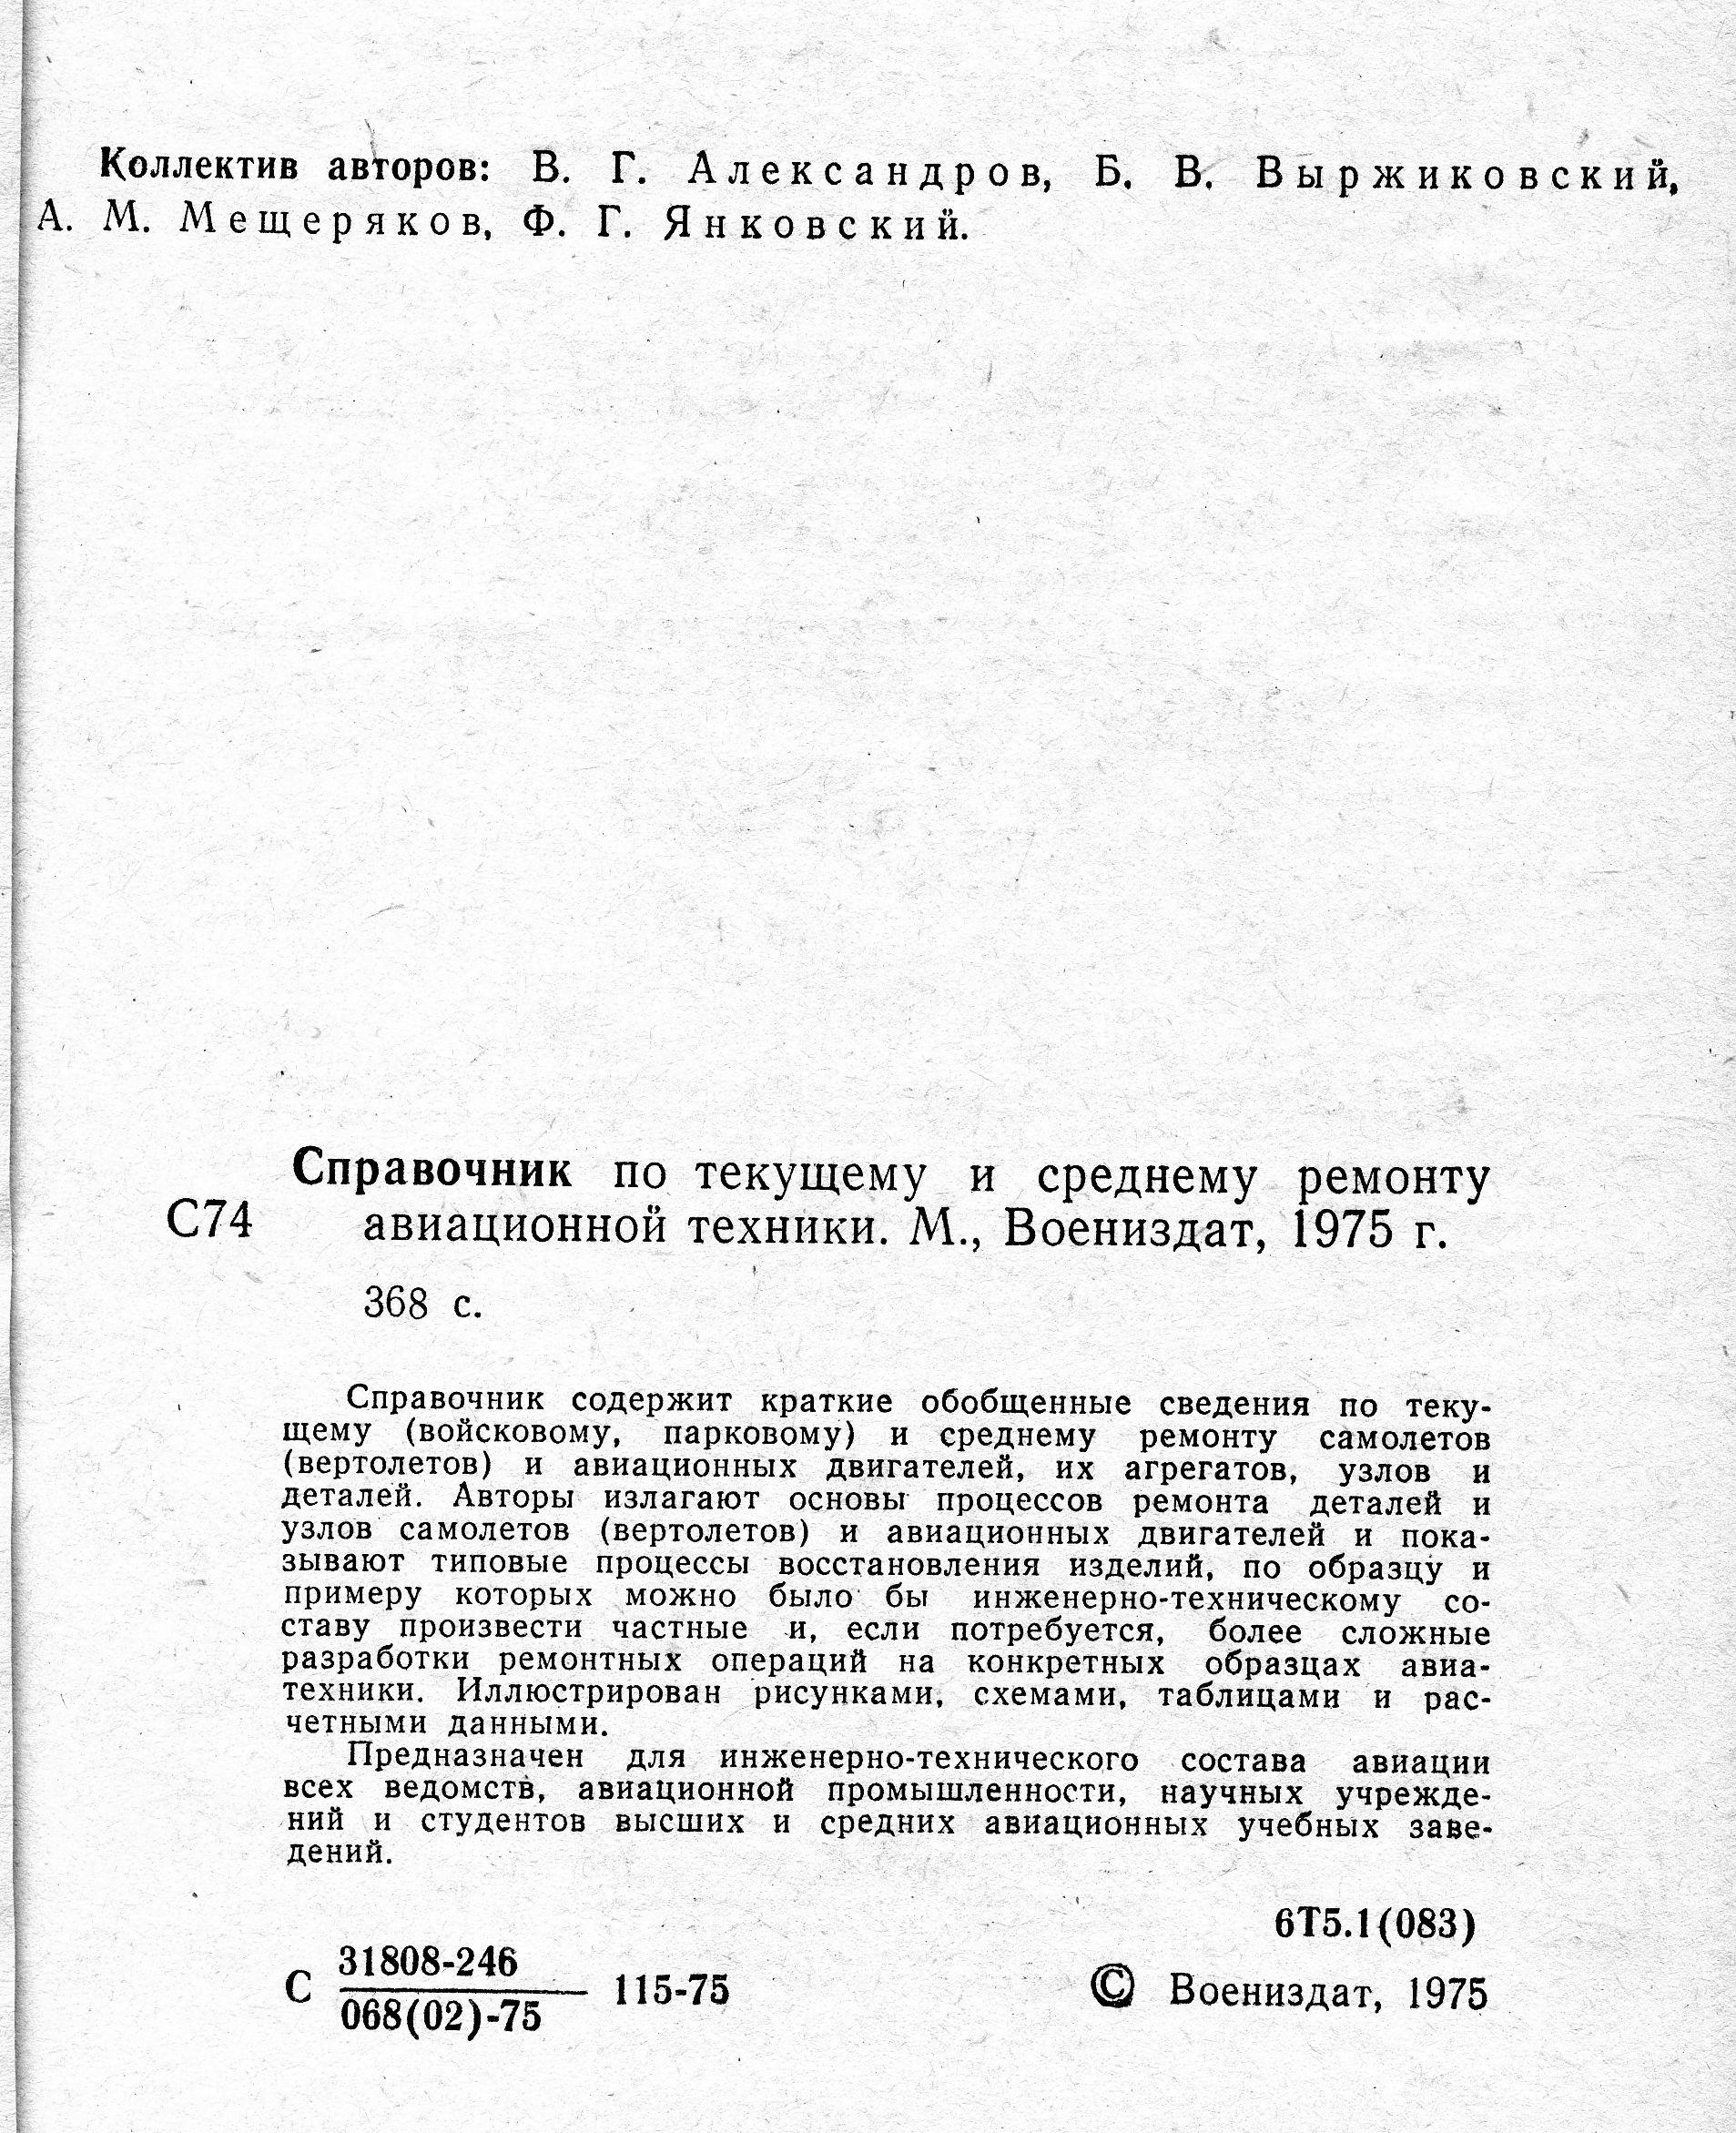 Справочник по ремонту АТ ВВС 1975.jpg